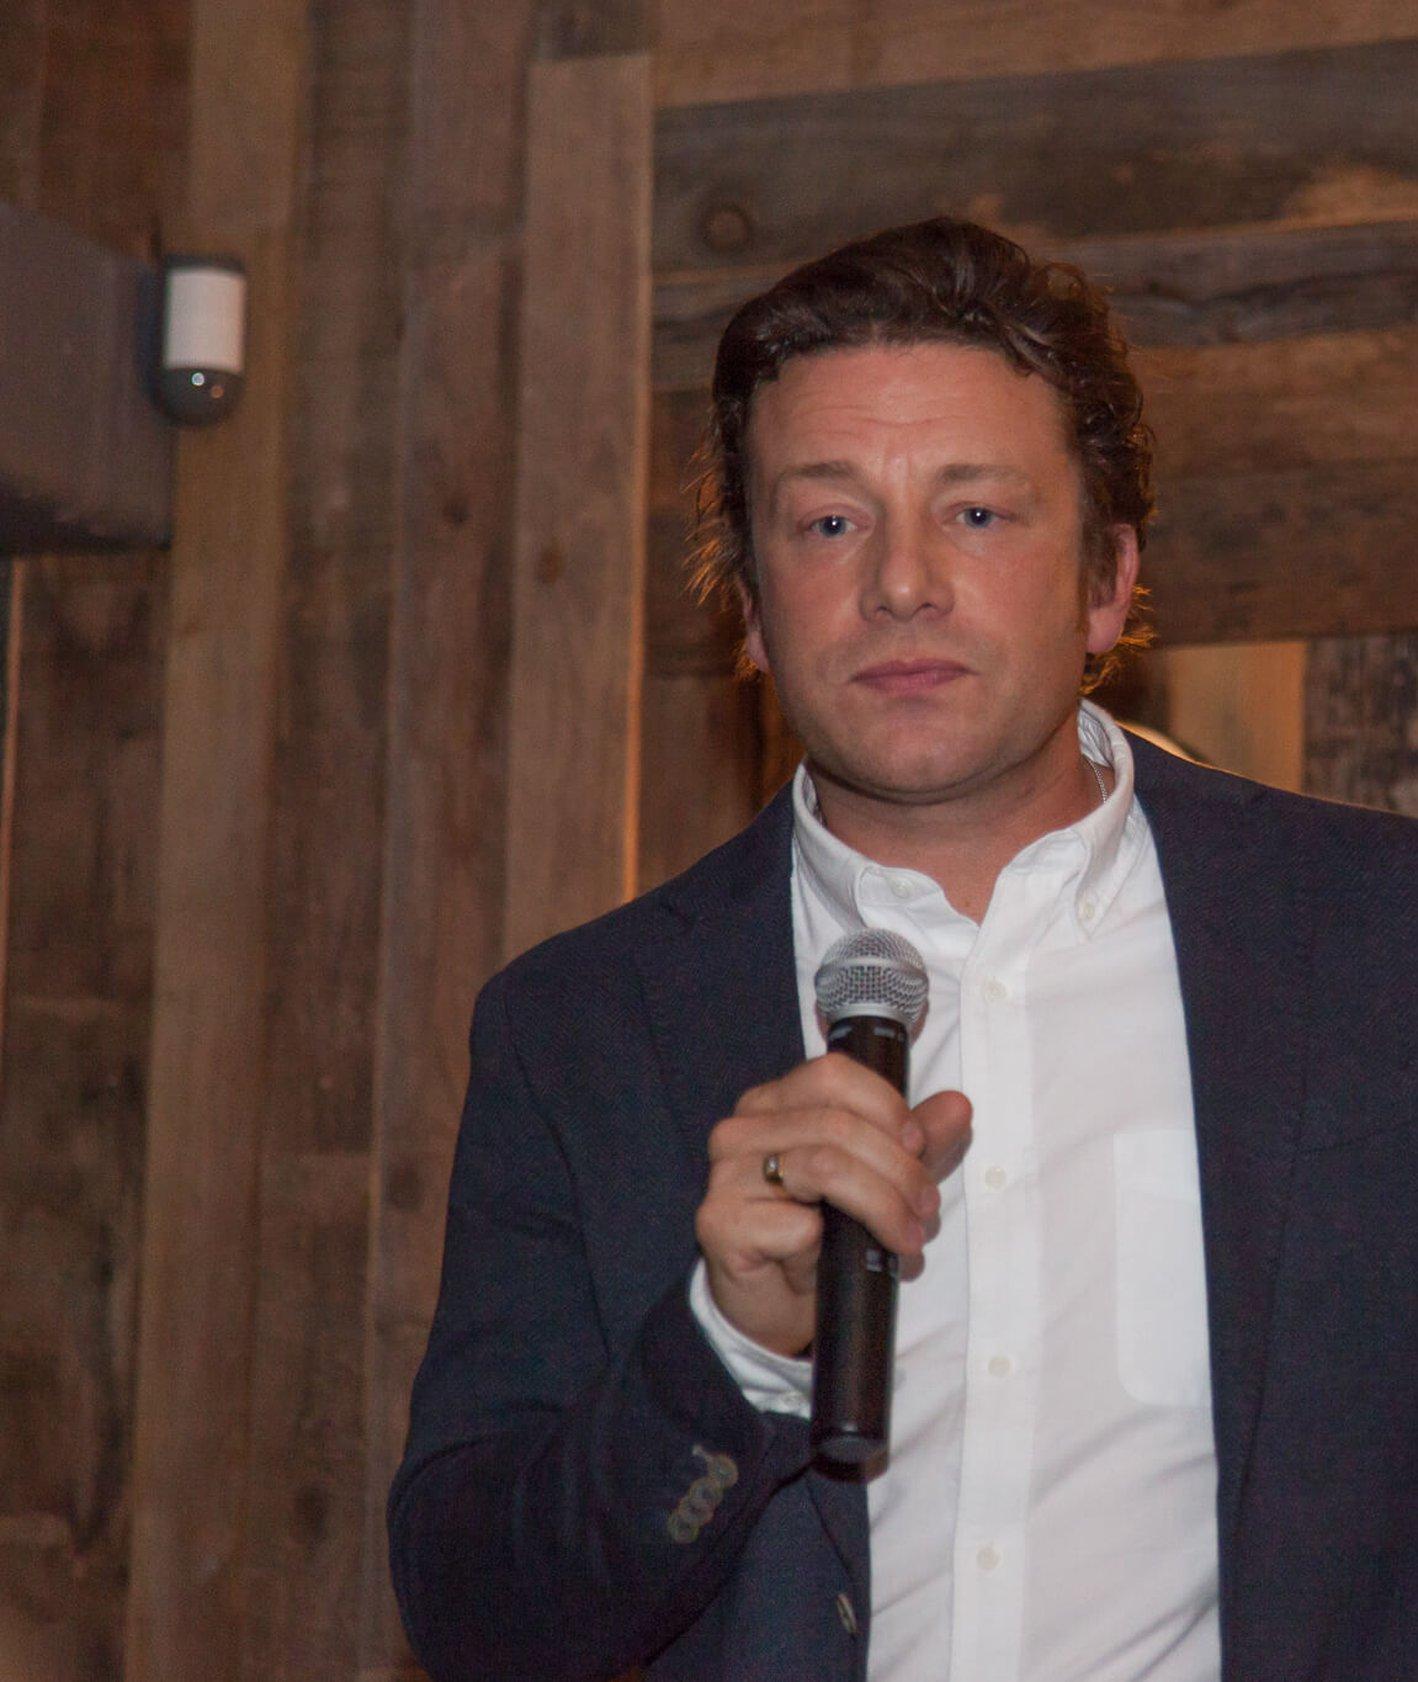 Jamie Oliver Zbankrutował Co Się Stało Z Imperium Słynnego